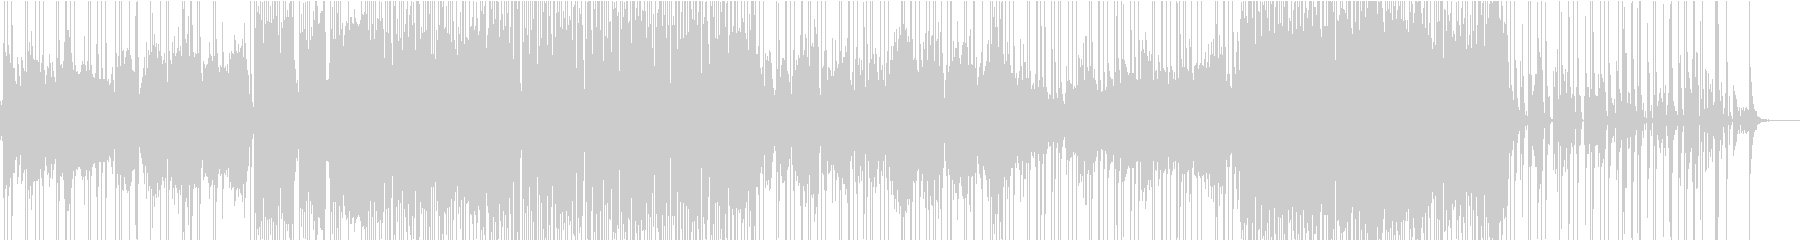 ドラムがテクニカルな曲の未再生の波形